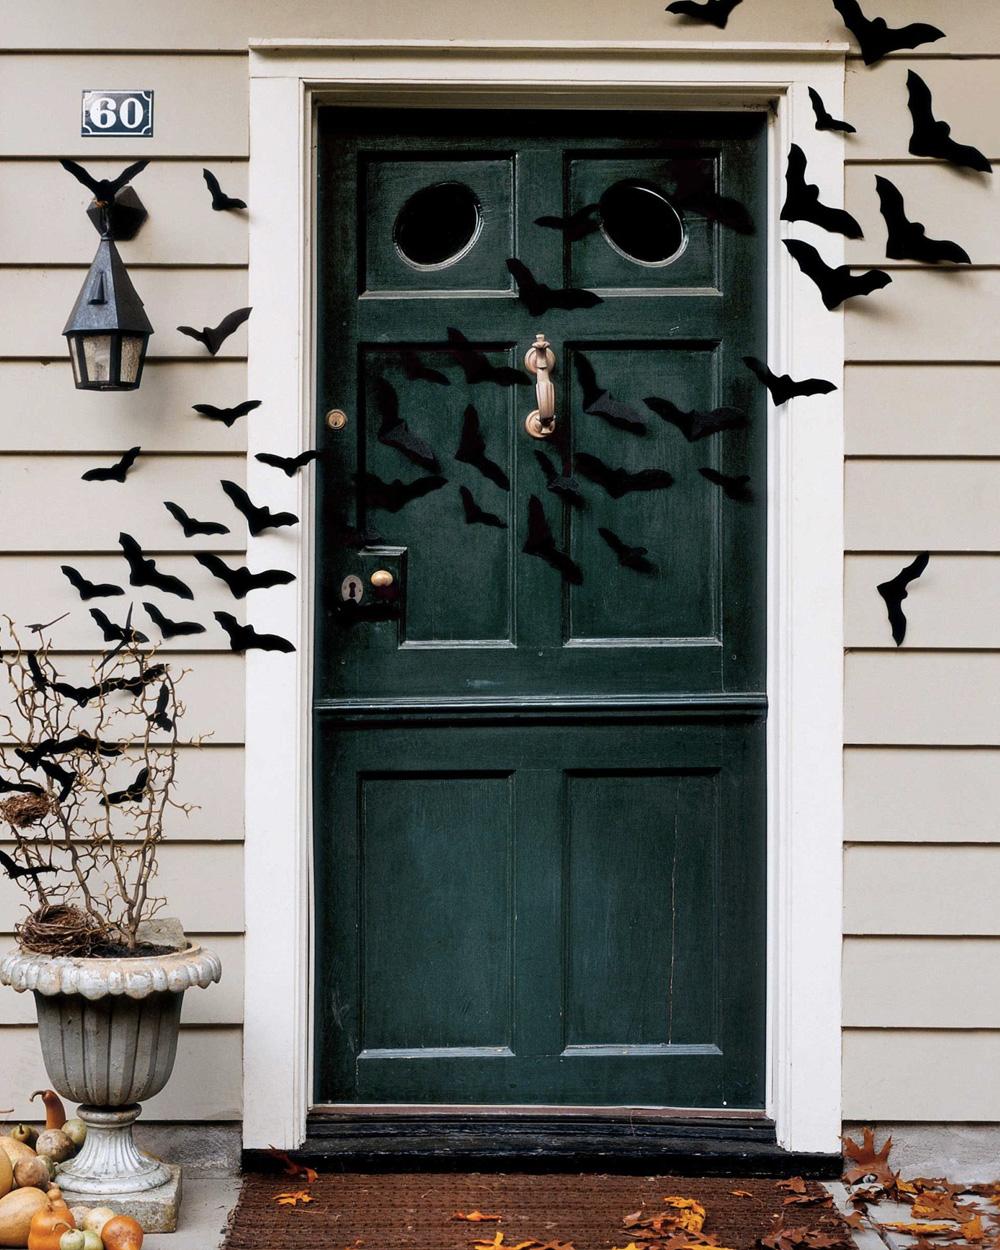 D Corer Une Porte Pour Halloween Shake My Blog